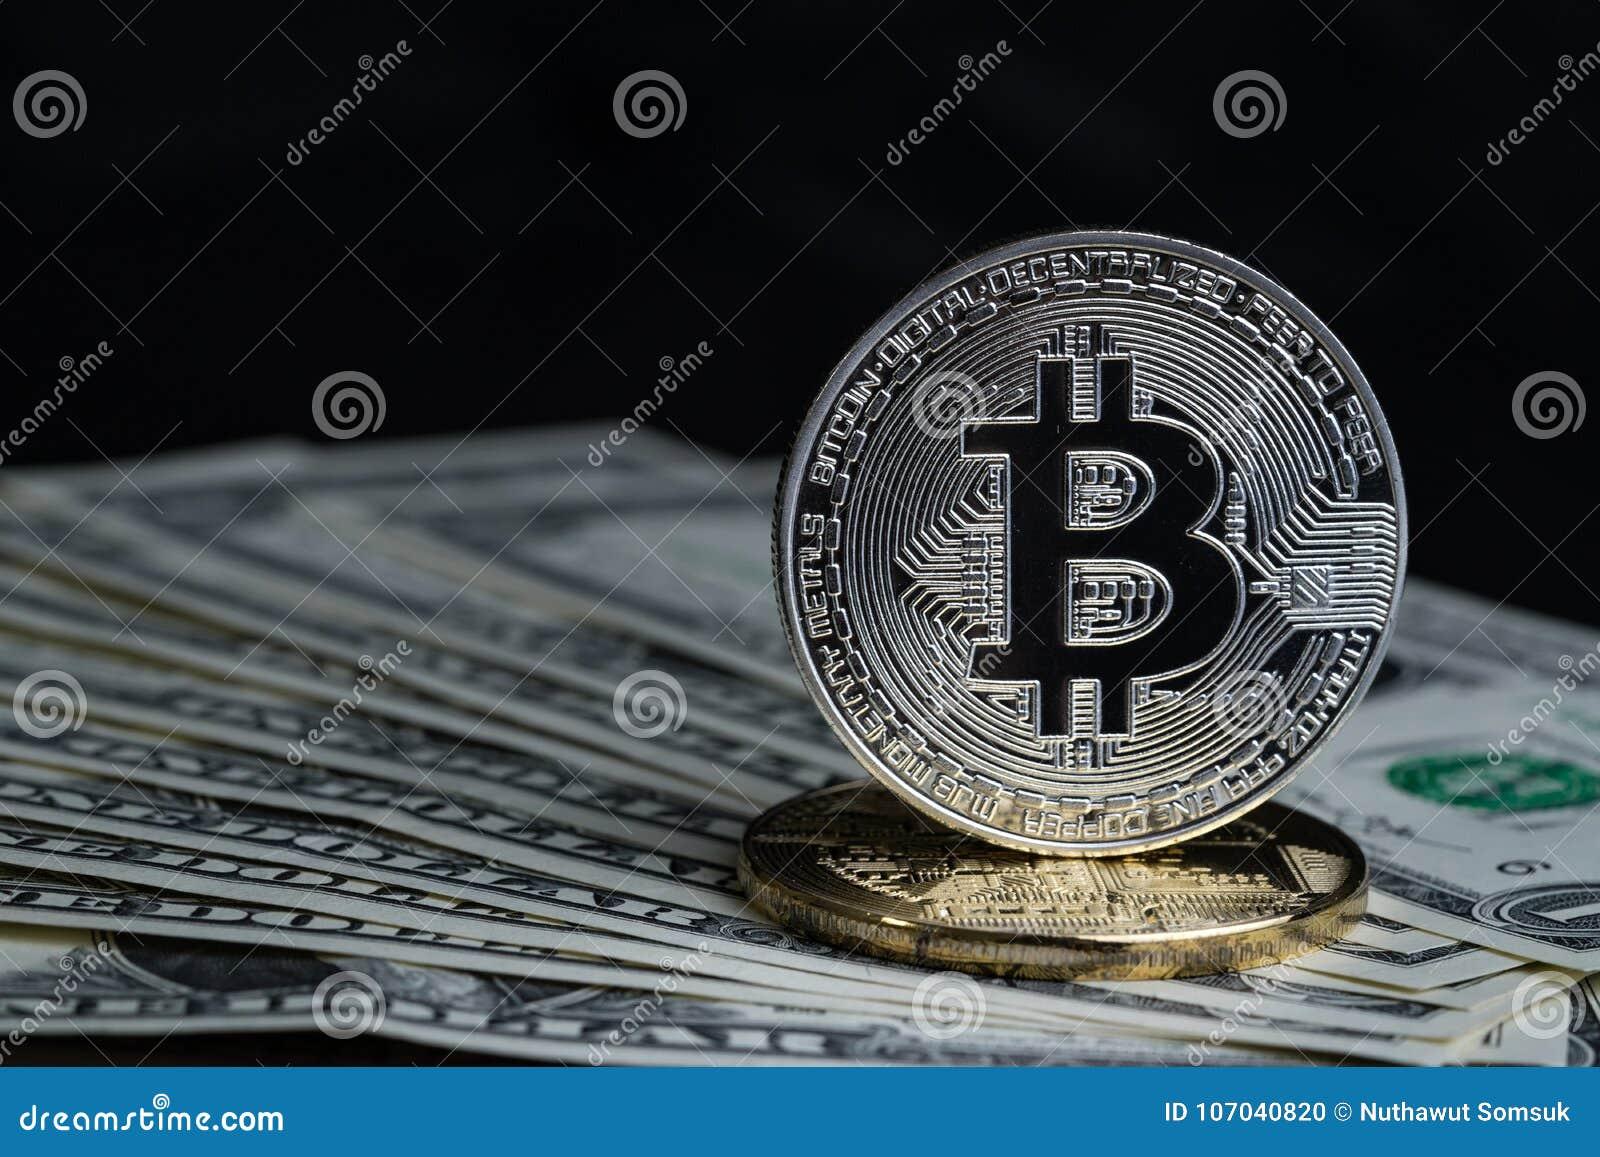 a legjobb kereskedelmi platform a crypto számára bitcoin kereskedő legitim